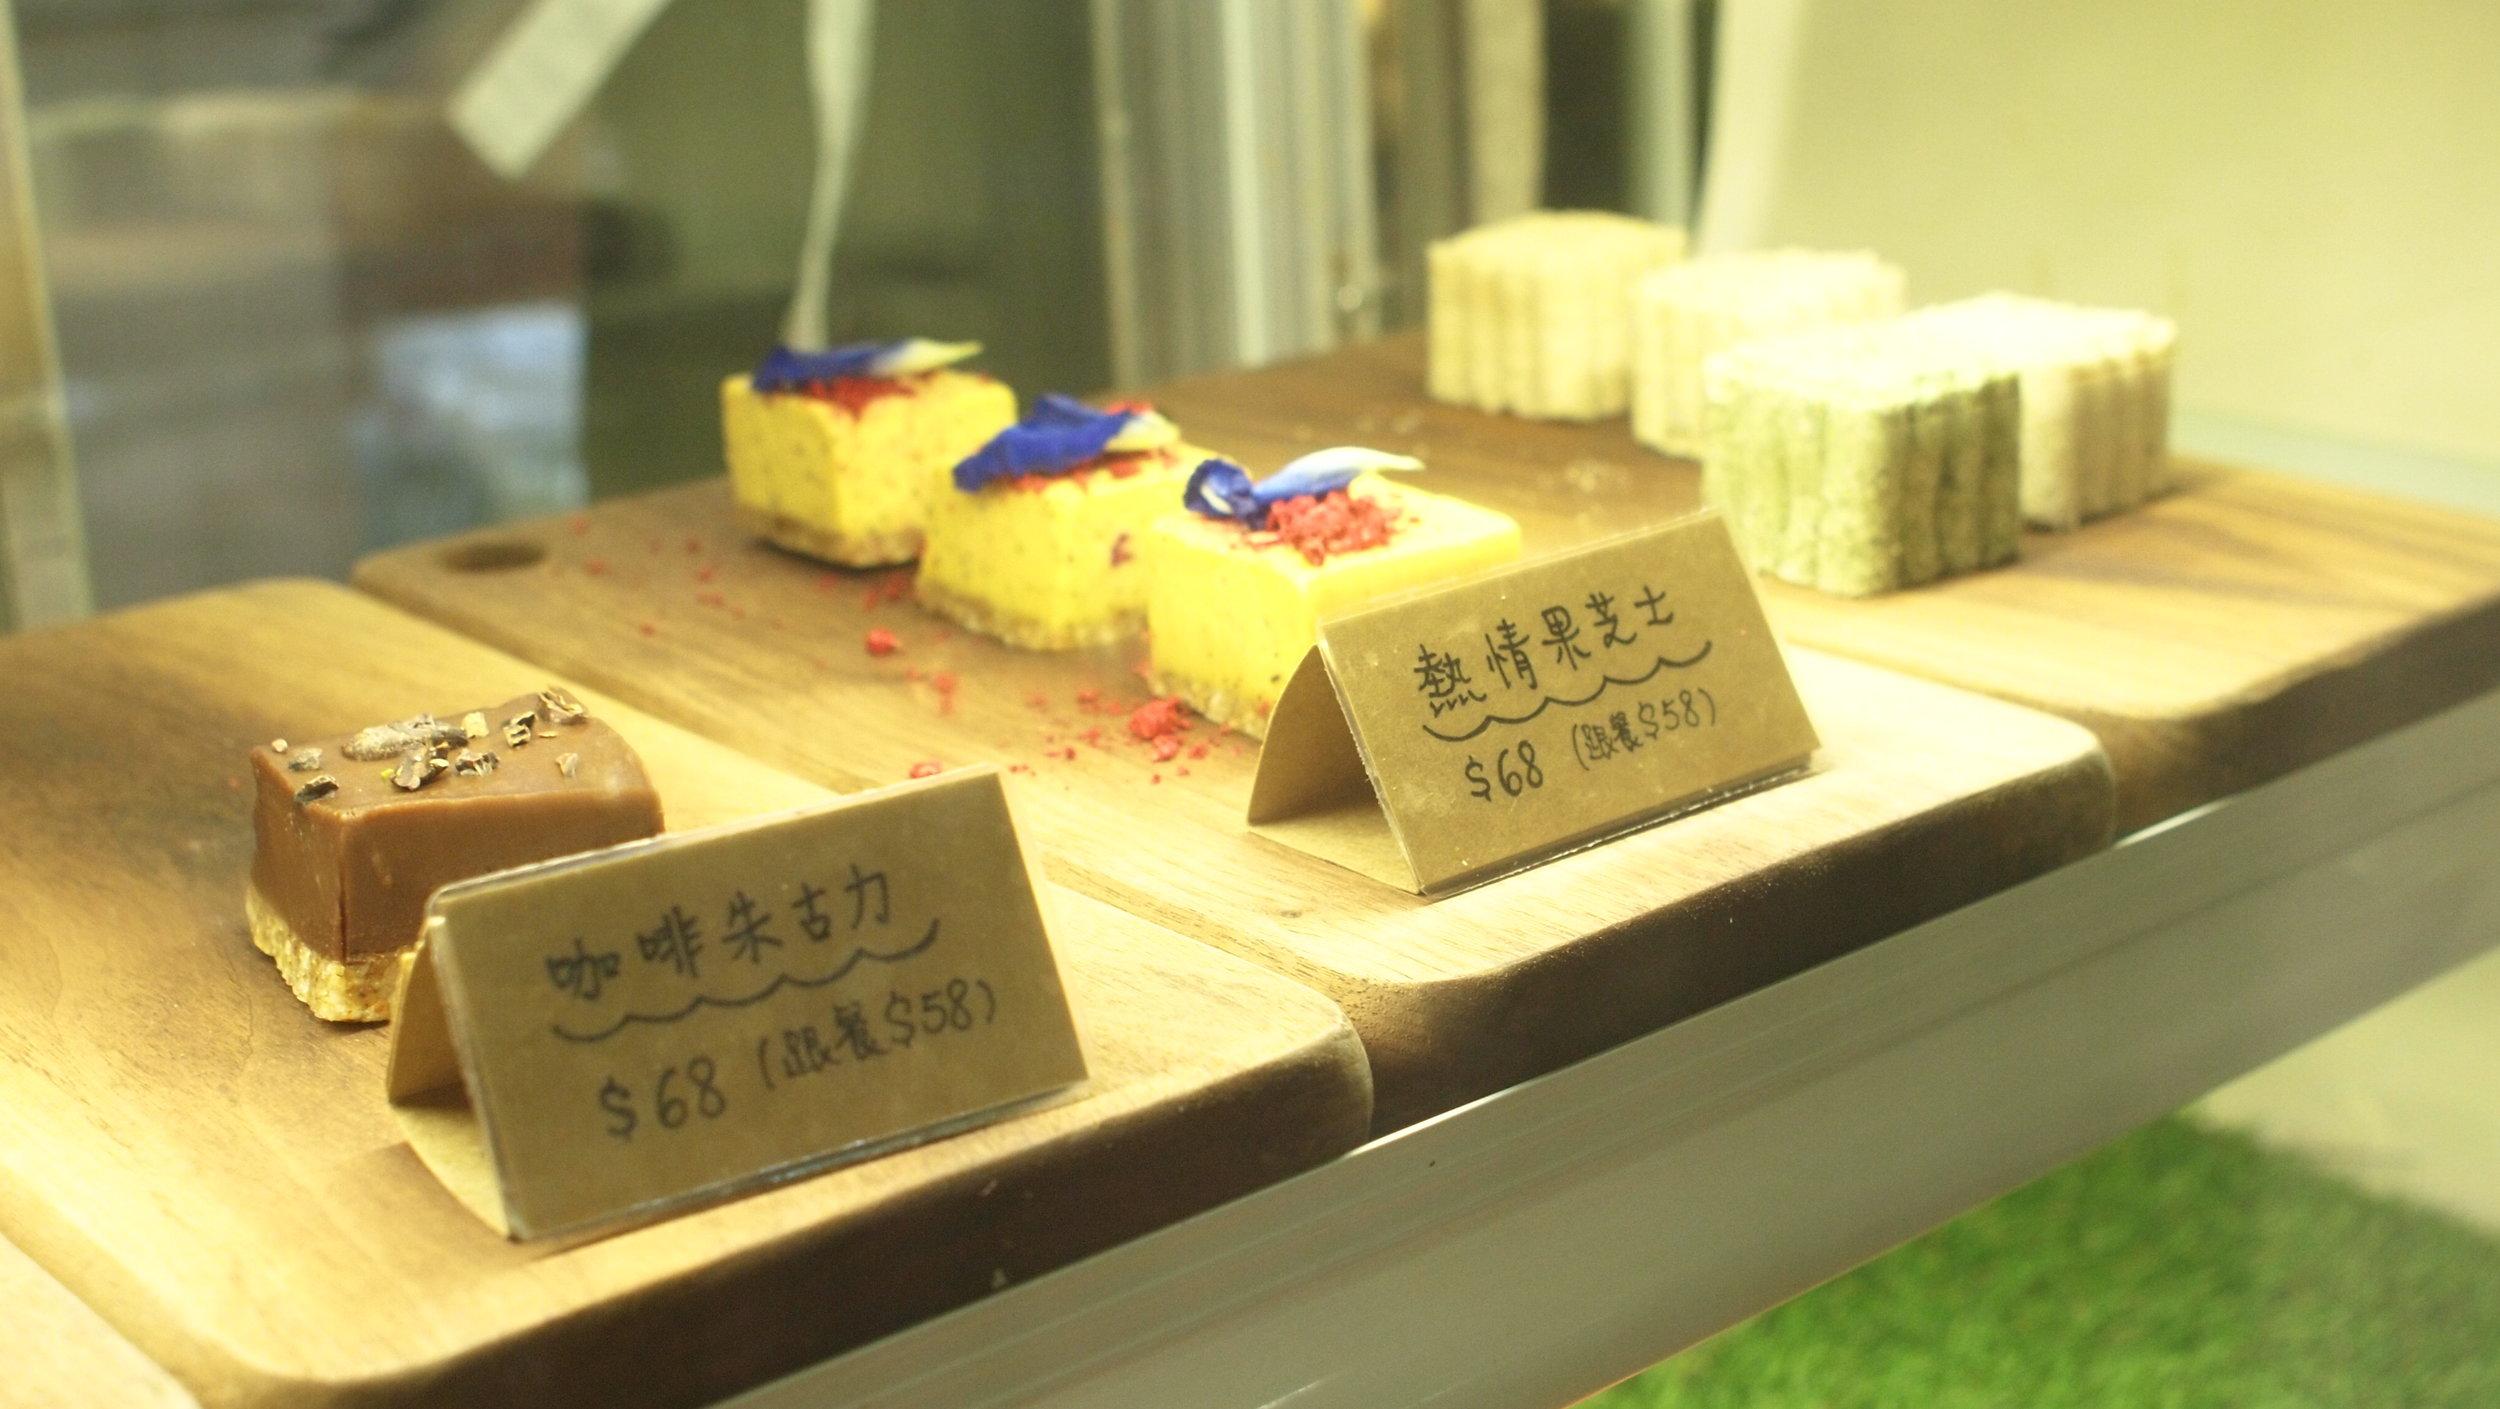 Greenwood-cafe-vegan-cake.JPG